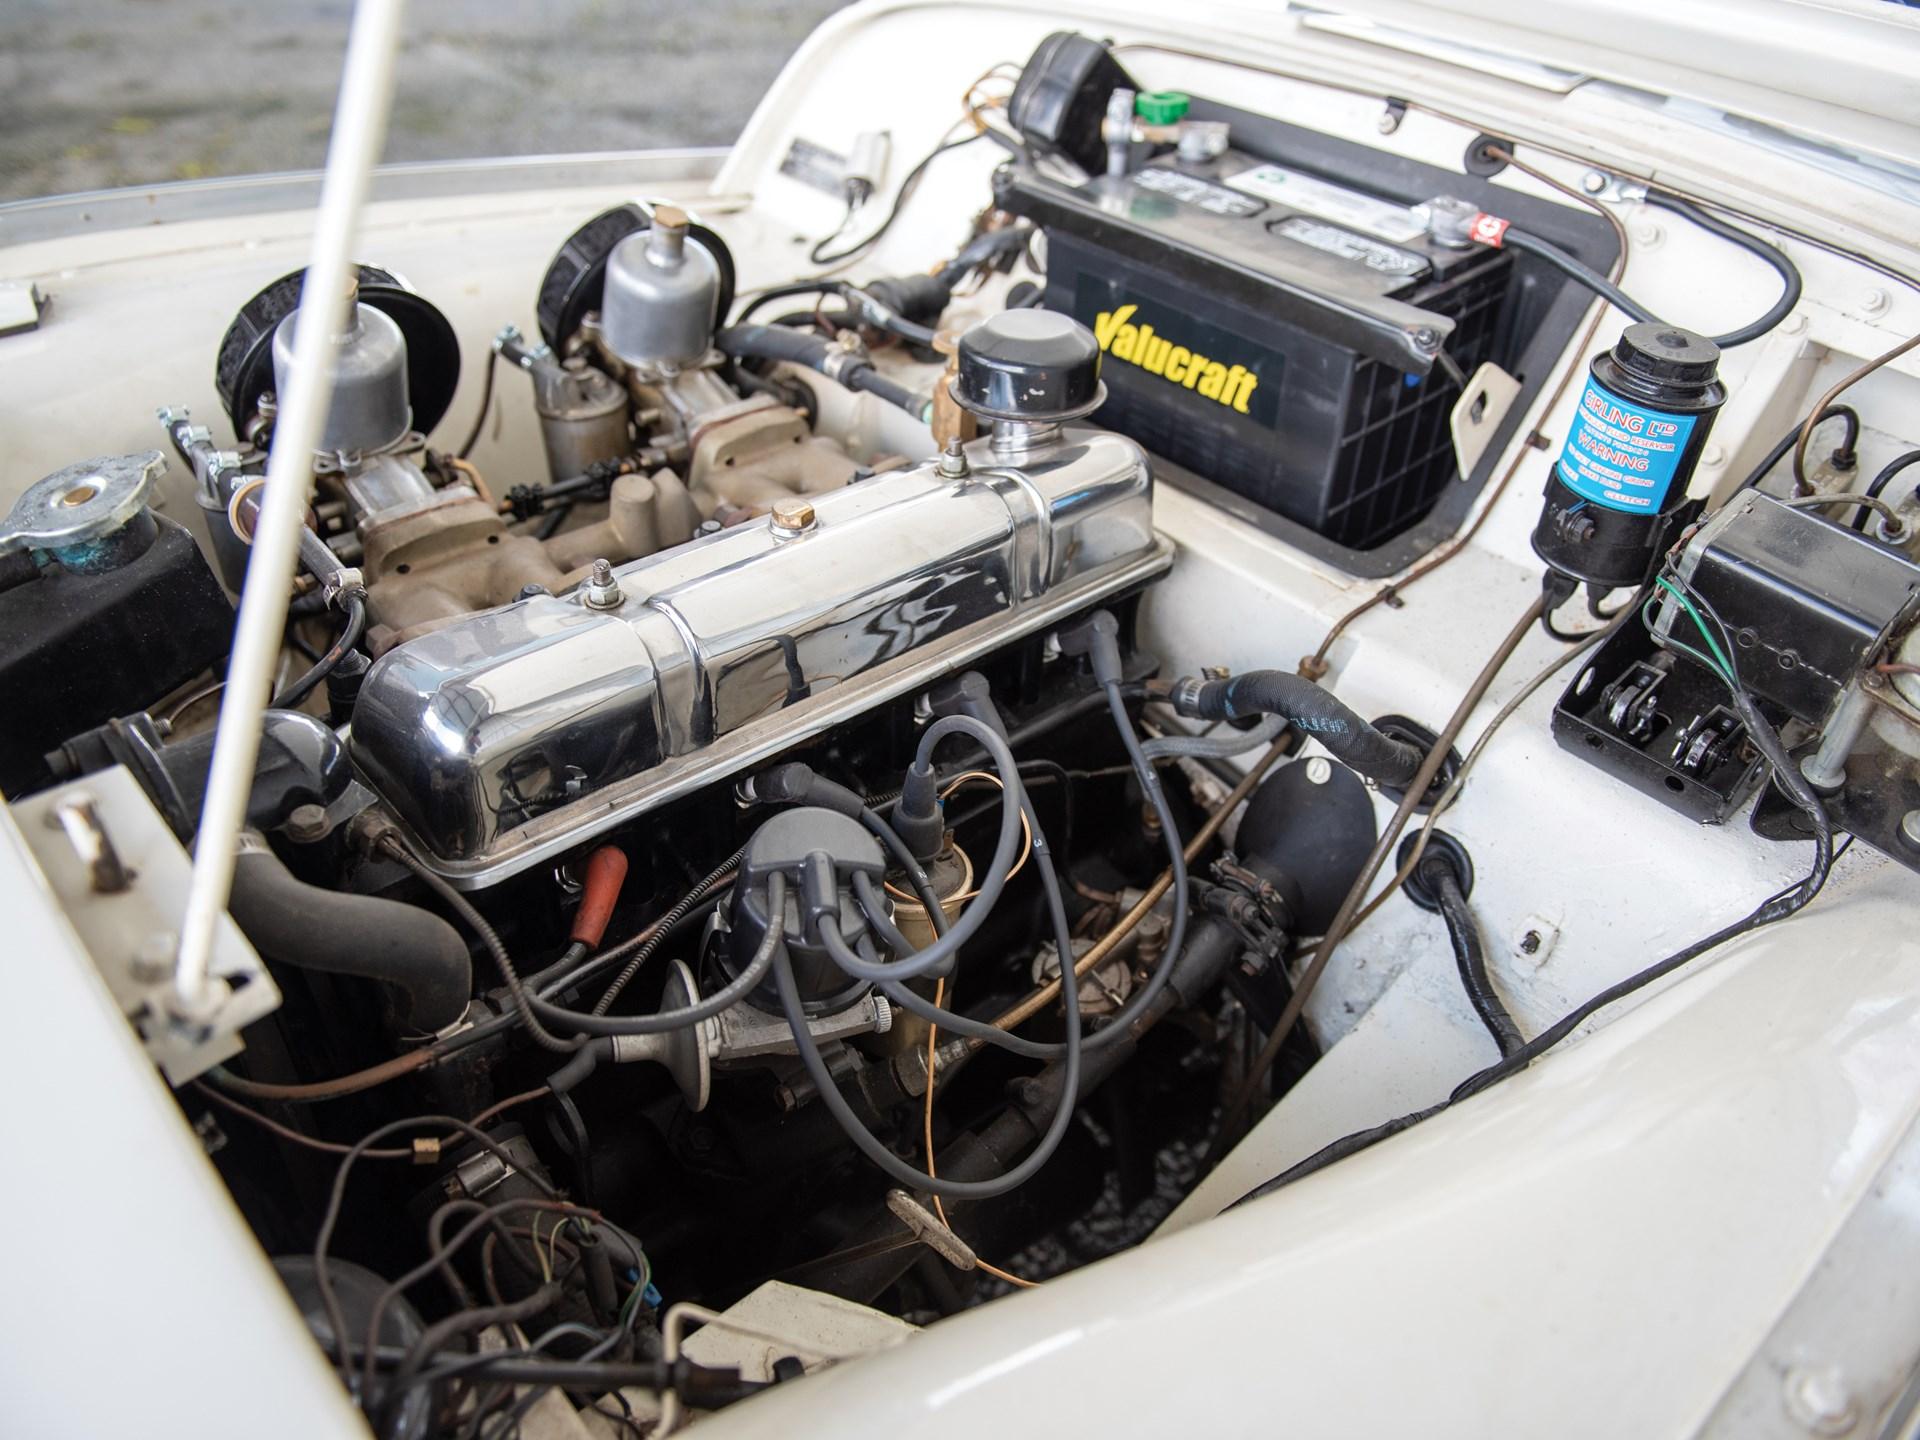 RM Sotheby's - 1962 Triumph TR3B | Auburn Fall 2019